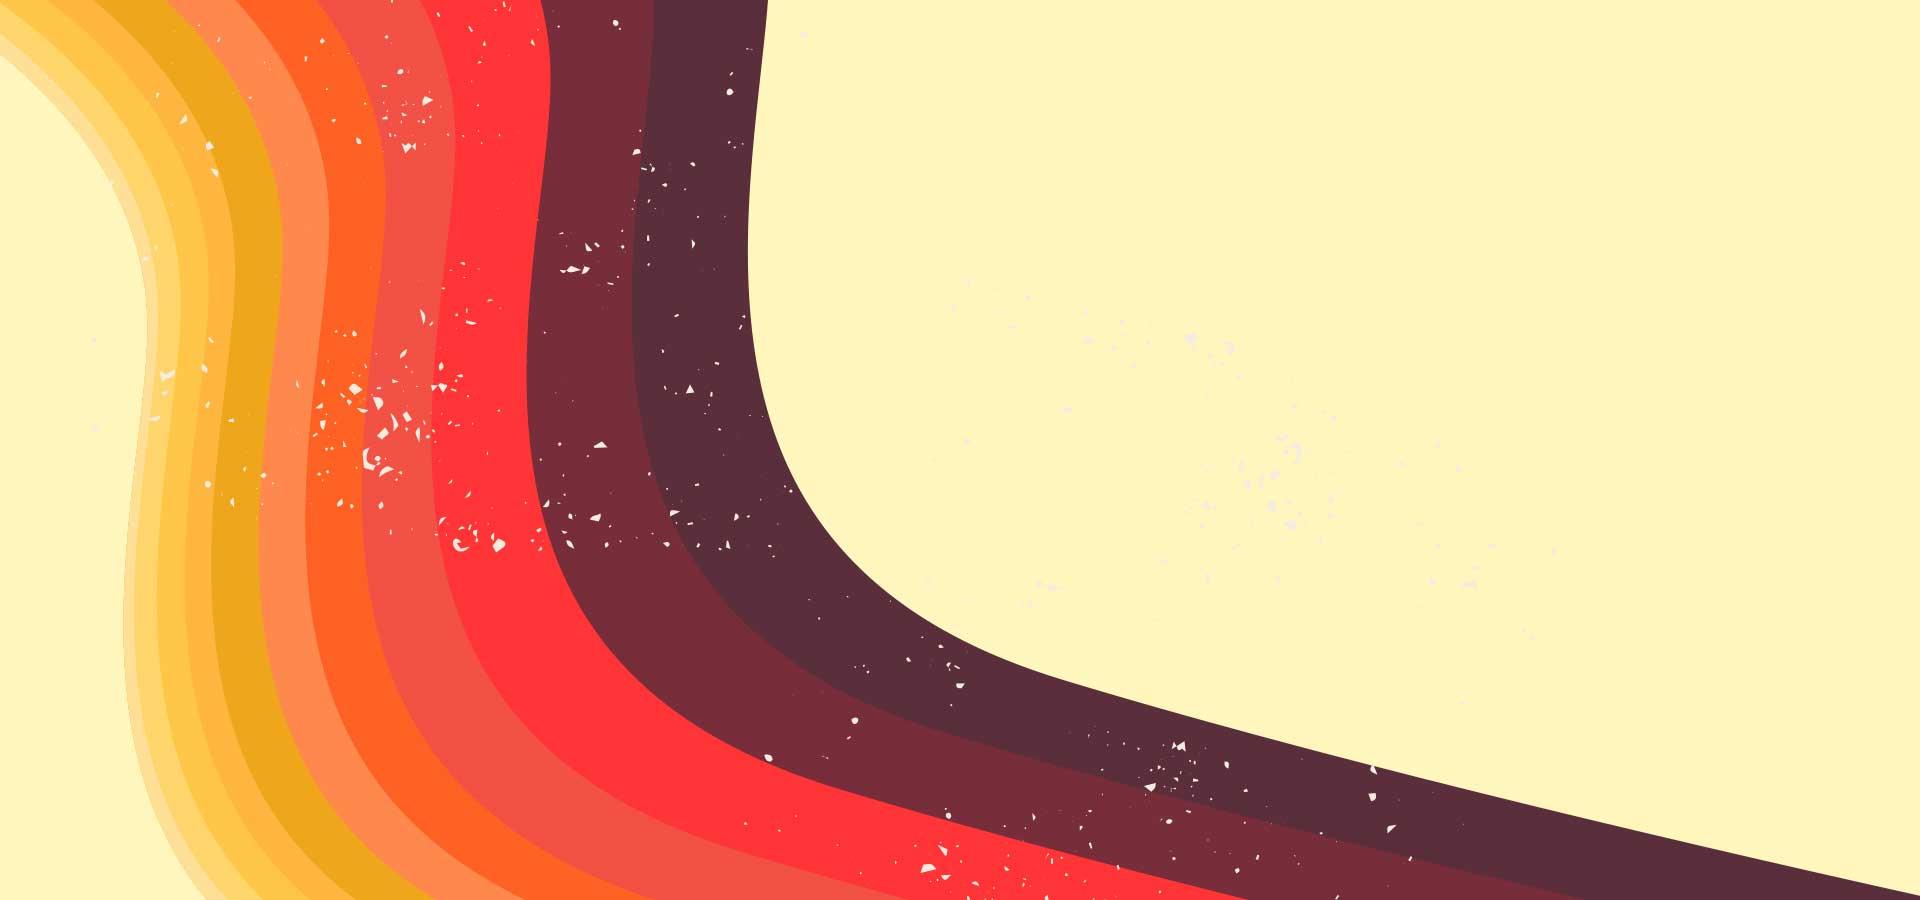 slide-background